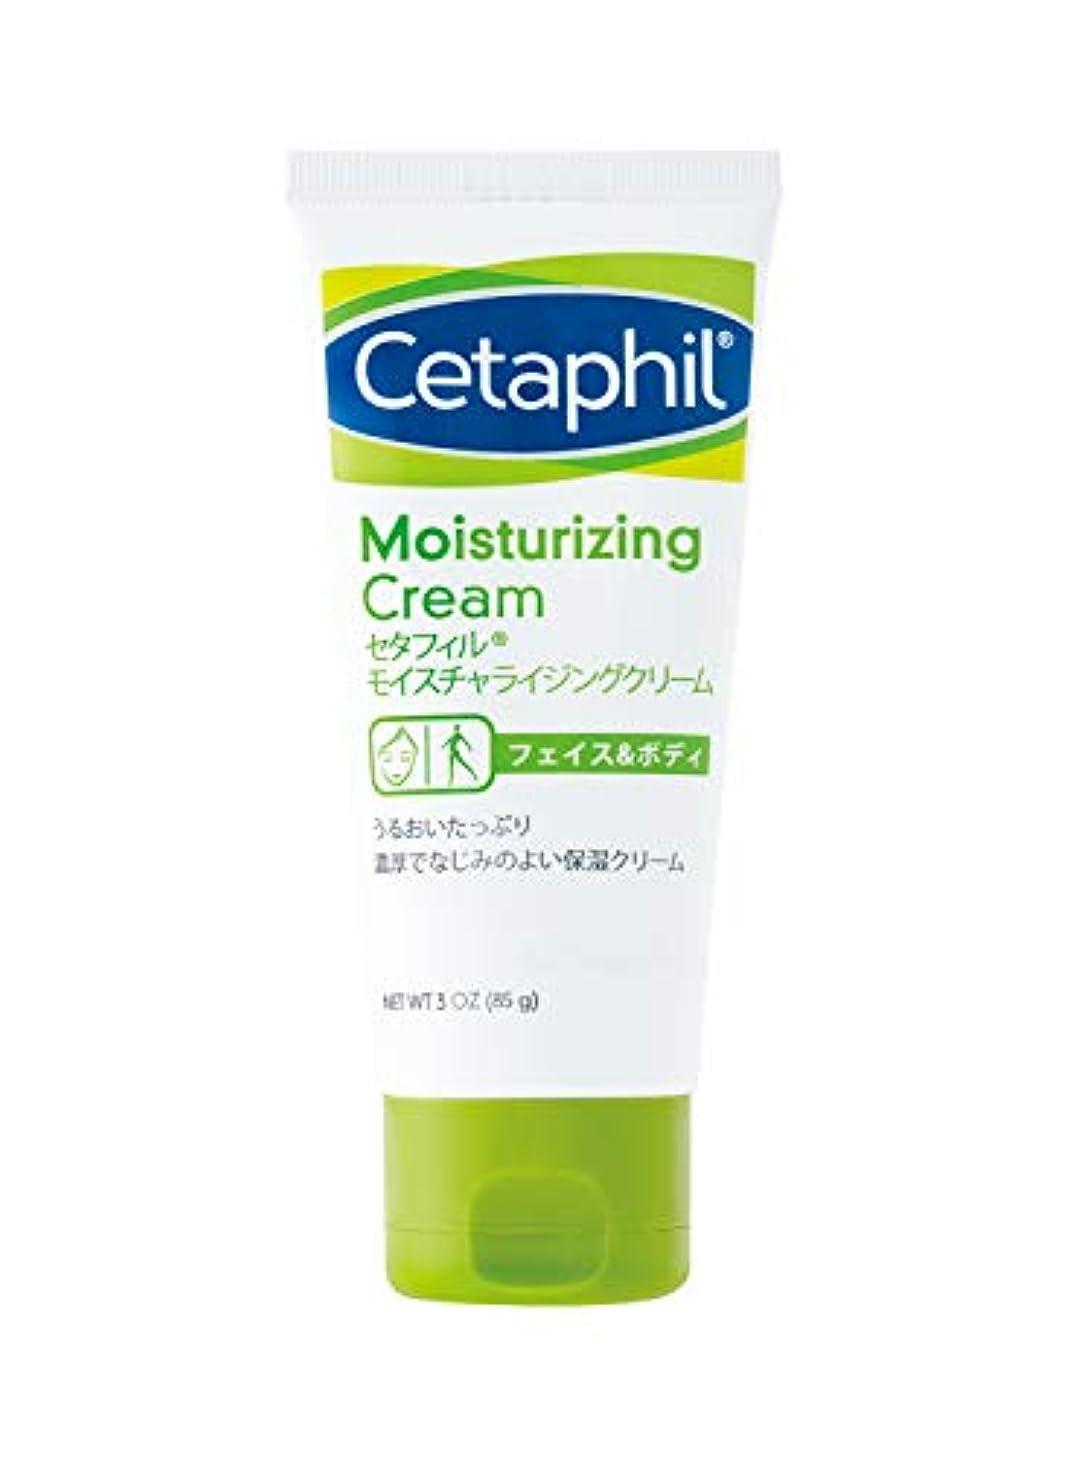 プログレッシブコマース手のひらセタフィル Cetaphil ® モイスチャライジングクリーム 85g ( フェイス & ボディ 保湿クリーム クリーム )